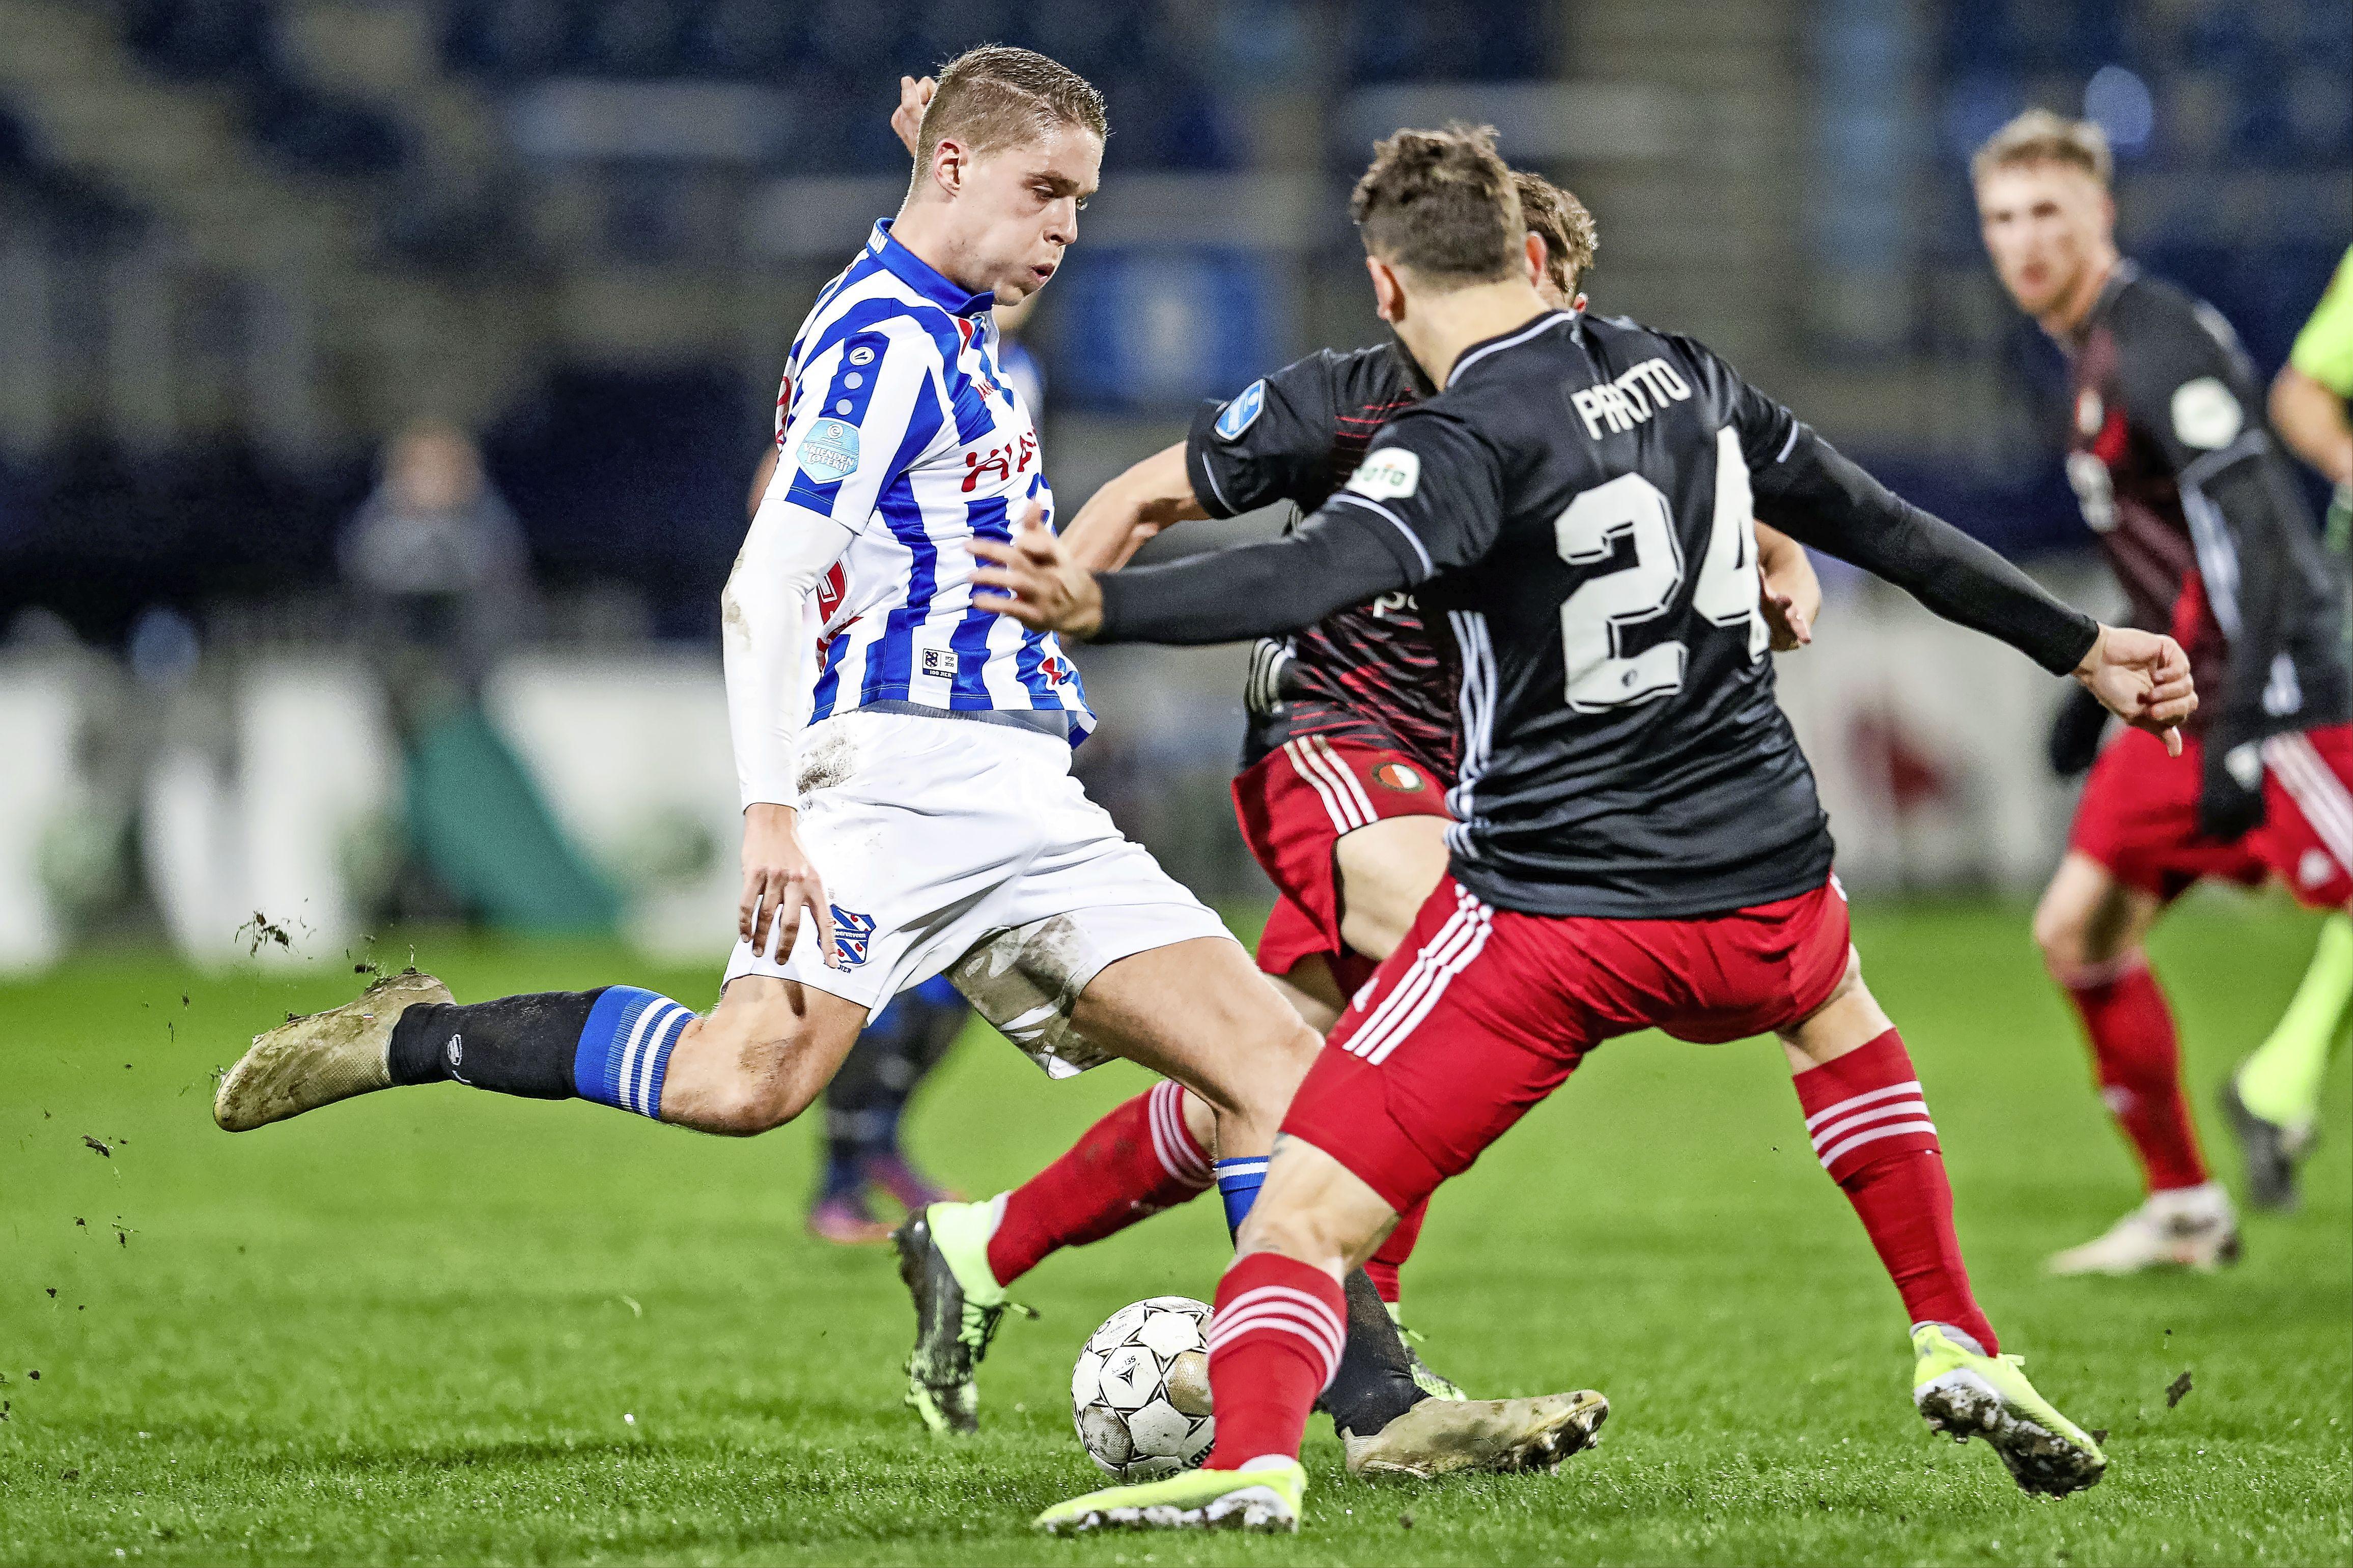 'Hij speelt in een volle Kuip alsof hij op een pleintje in Volendam voetbalt'; Joey Veerman is de laatste Volendamse straatvoetballer [video]